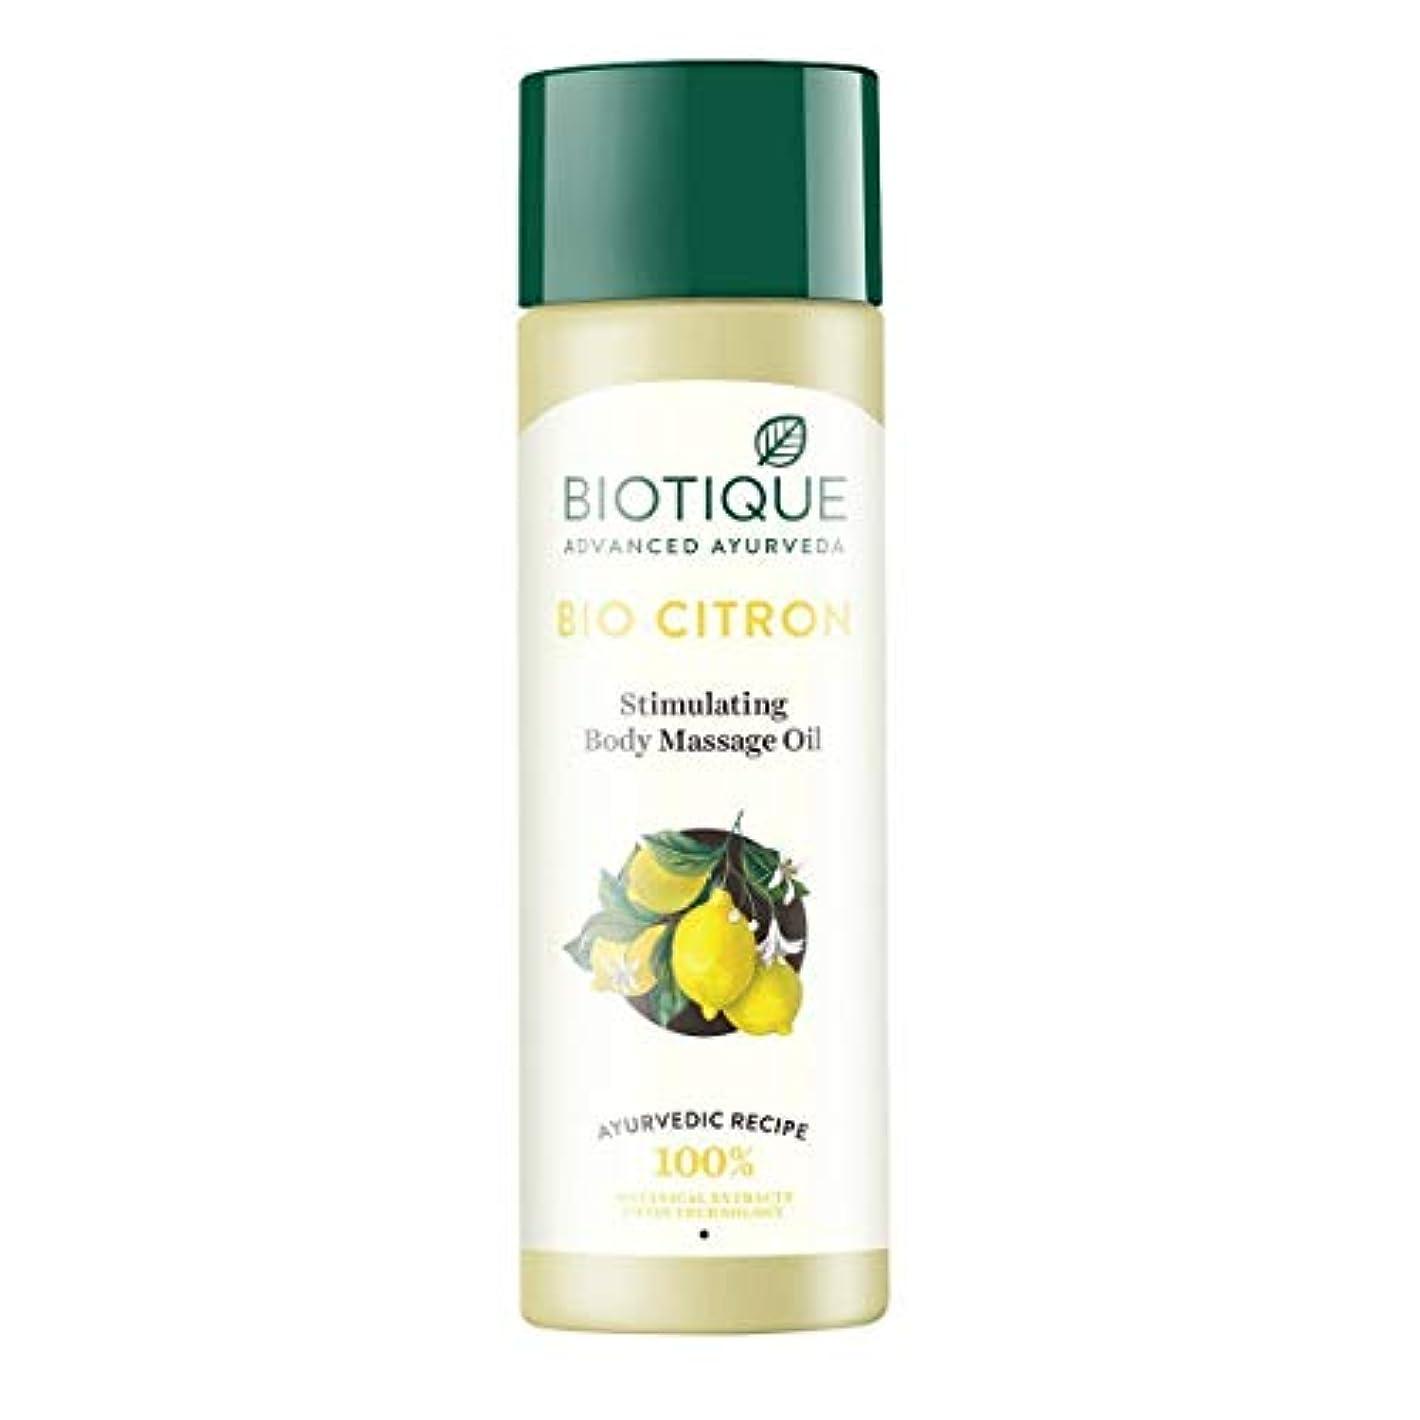 認知毎回ナットBiotique Bio Citron Stimulating Body Massage Oil, 200ml rich in vitamin Biotique バイオシトロン刺激ボディマッサージオイル、ビタミン